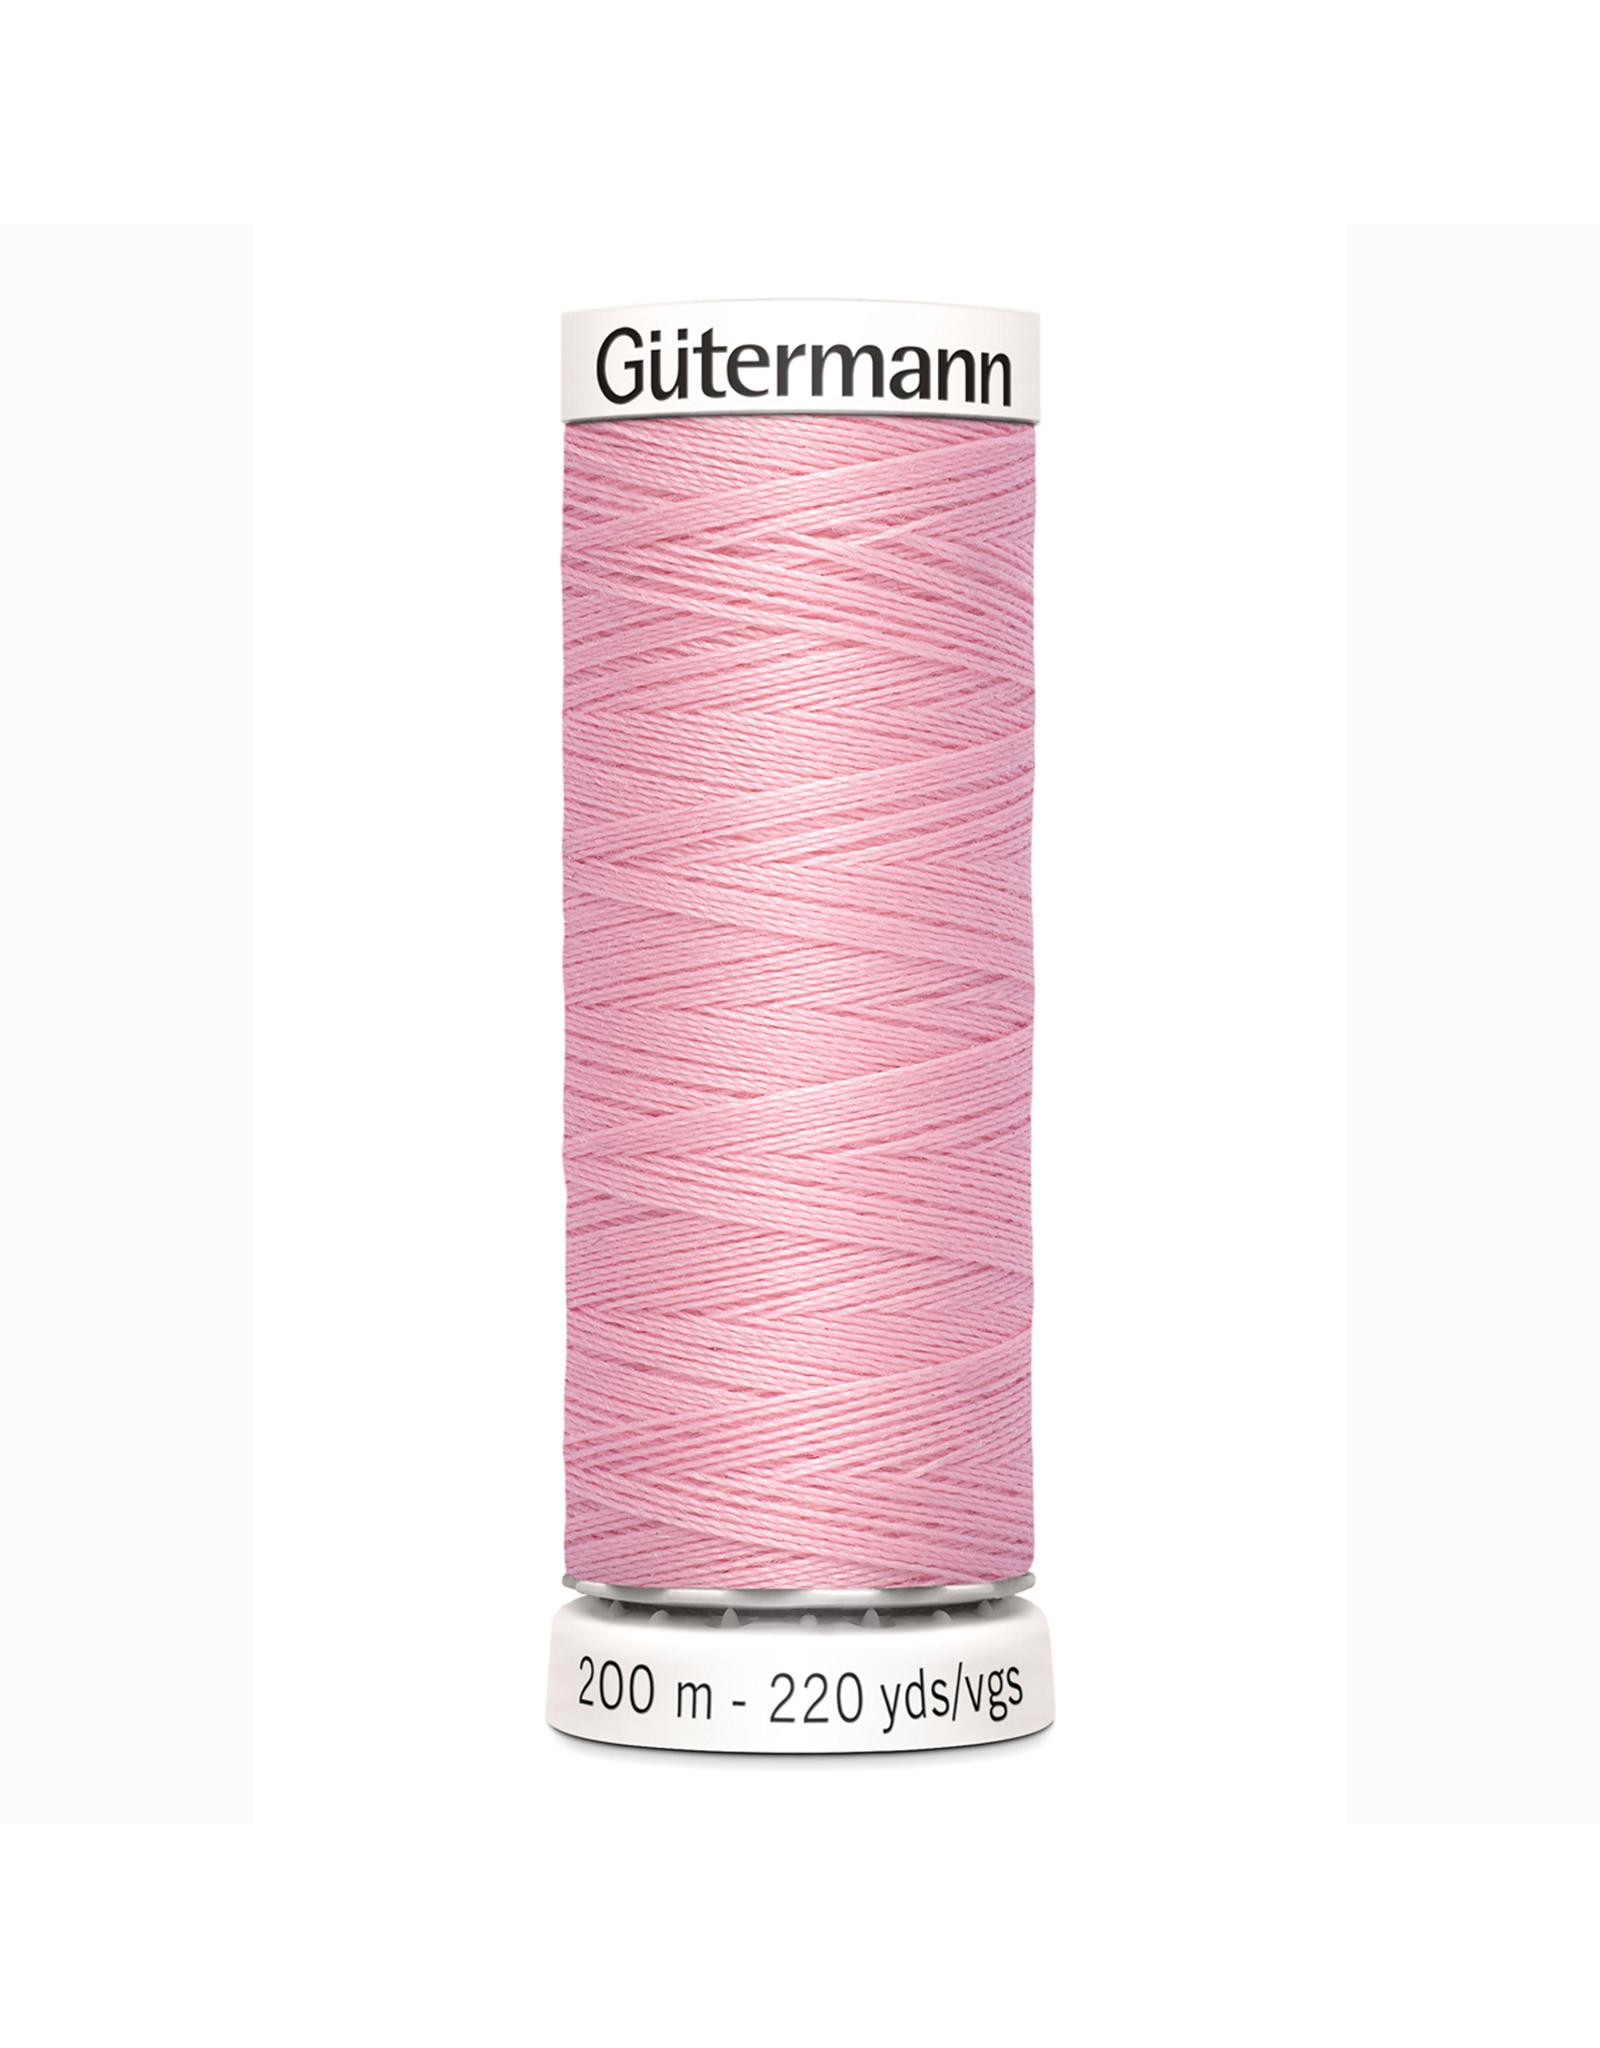 Gütermann Gütermann Nähgarn 200 m - nr 660